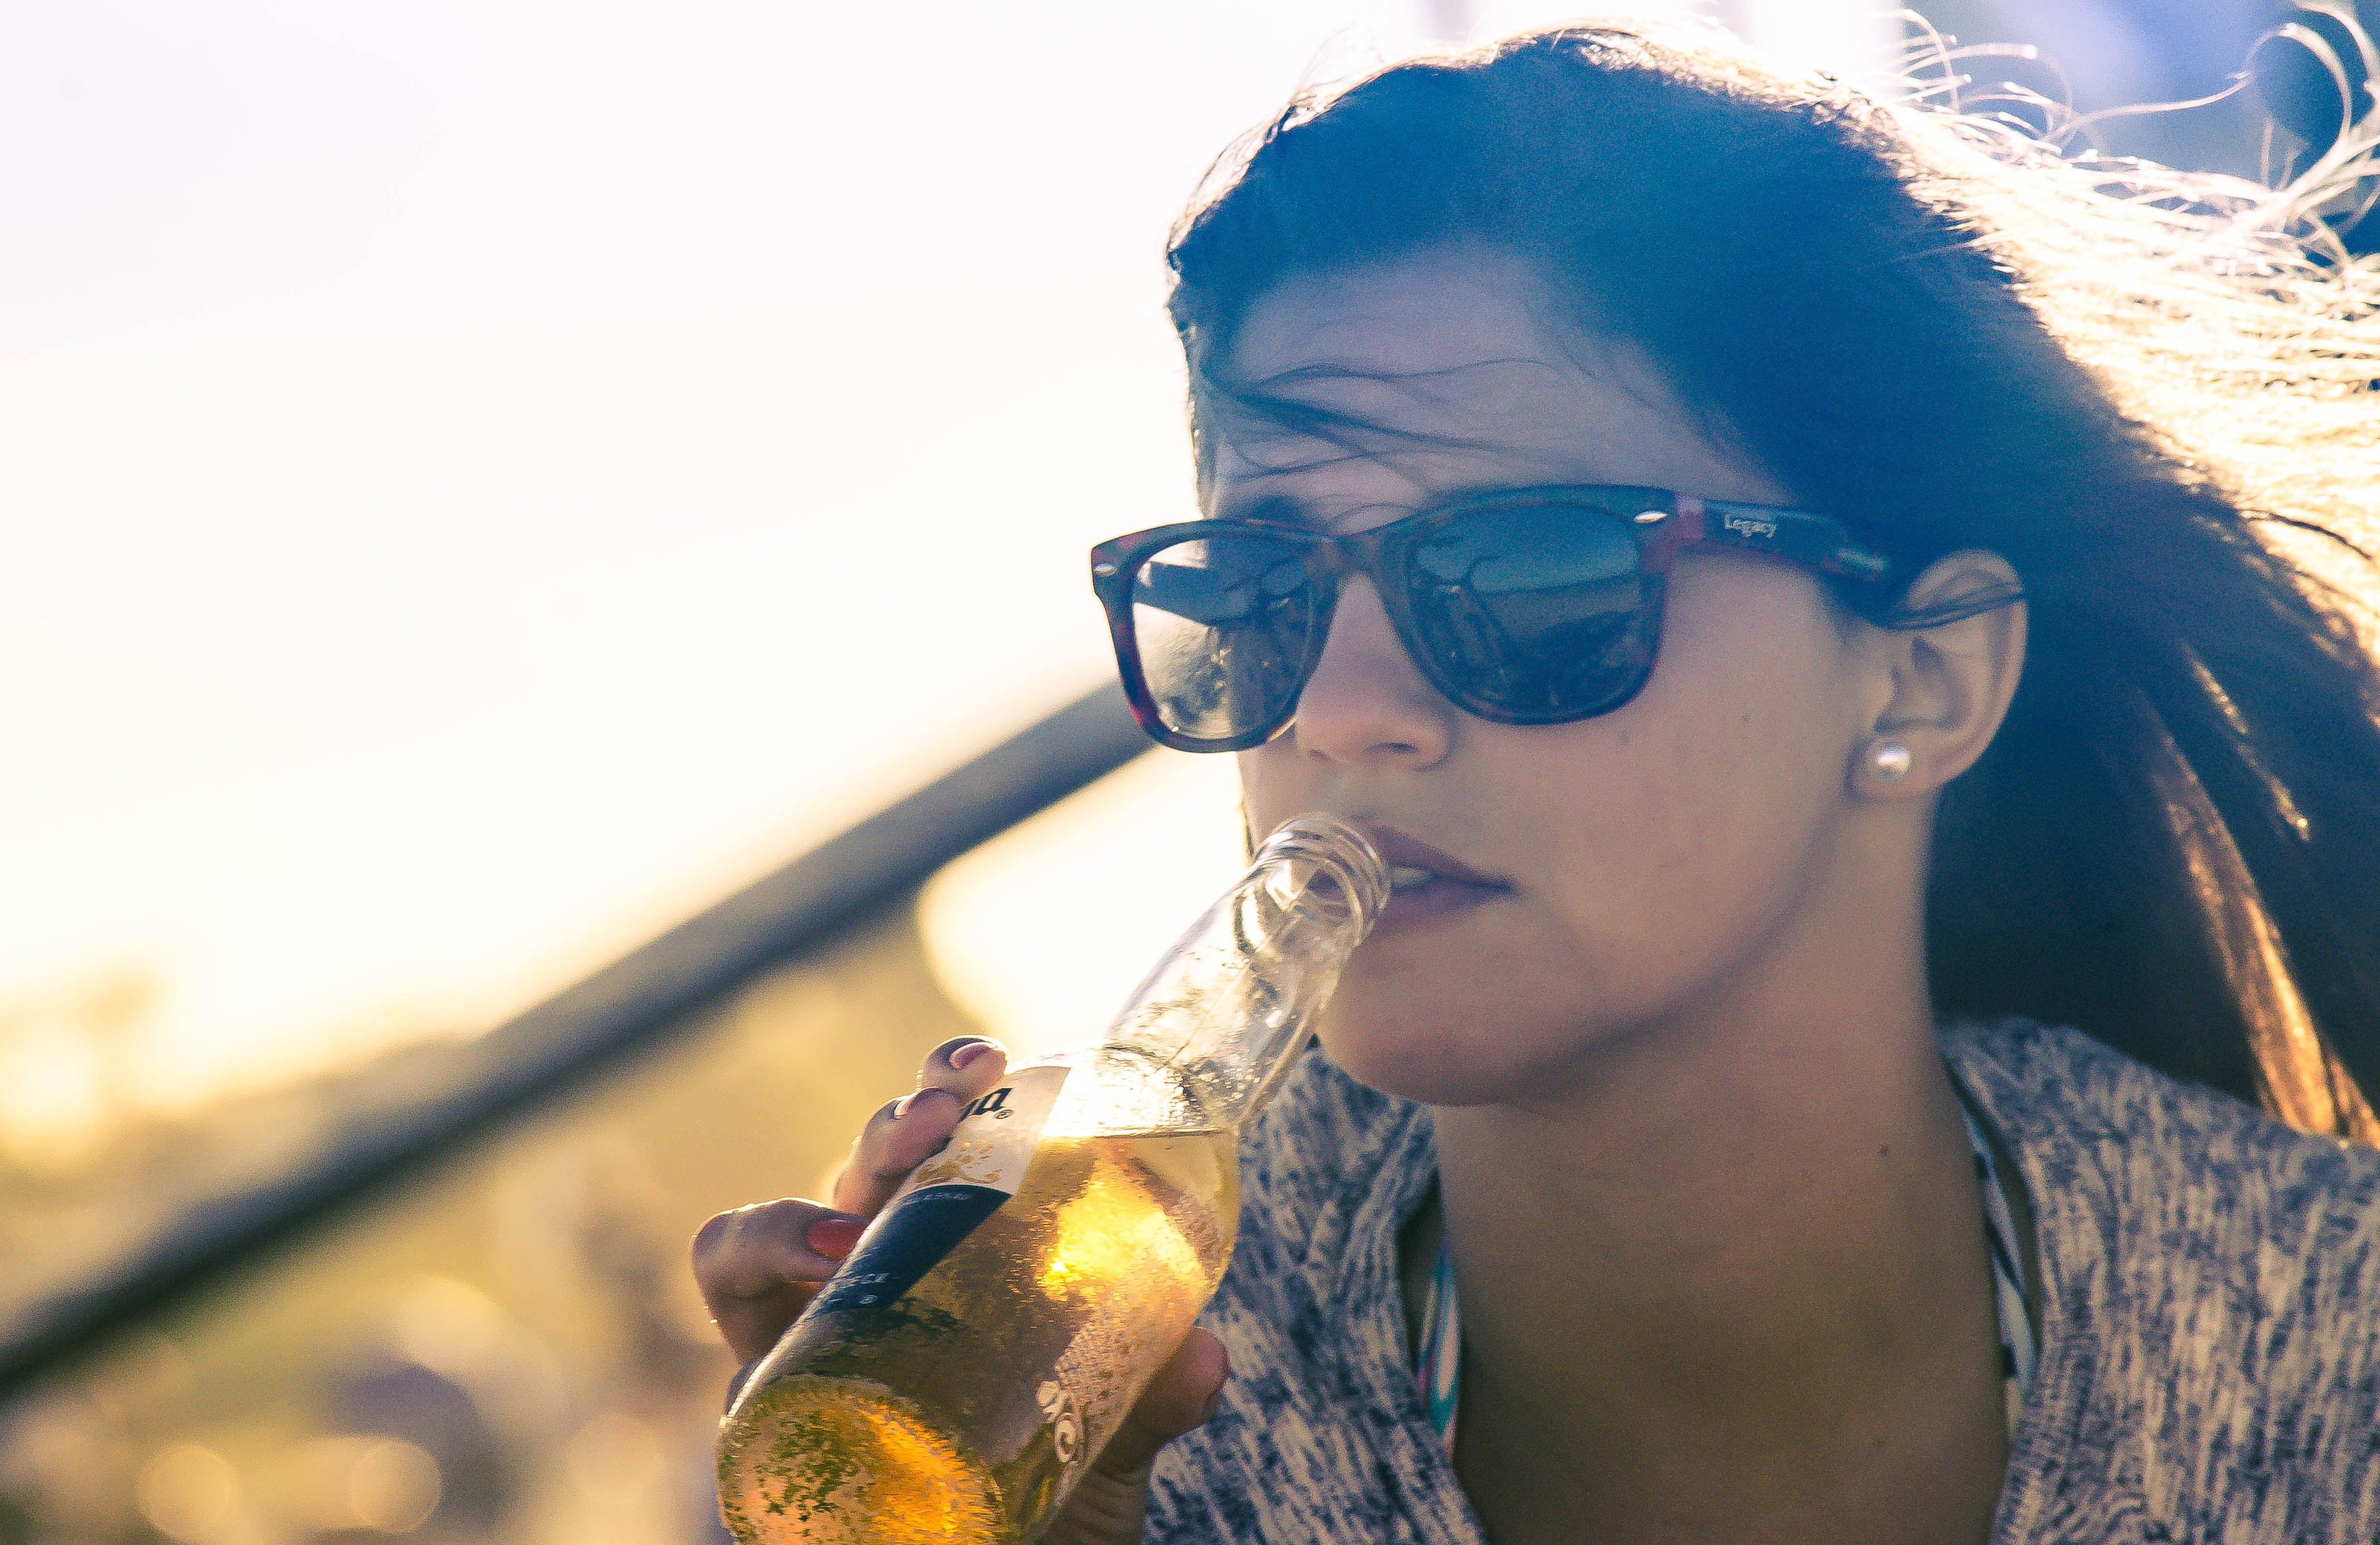 คลังภาพถ่ายฟรี ของ ดวงอาทิตย์, ผู้หญิง, ผู้ใหญ่, เบียร์